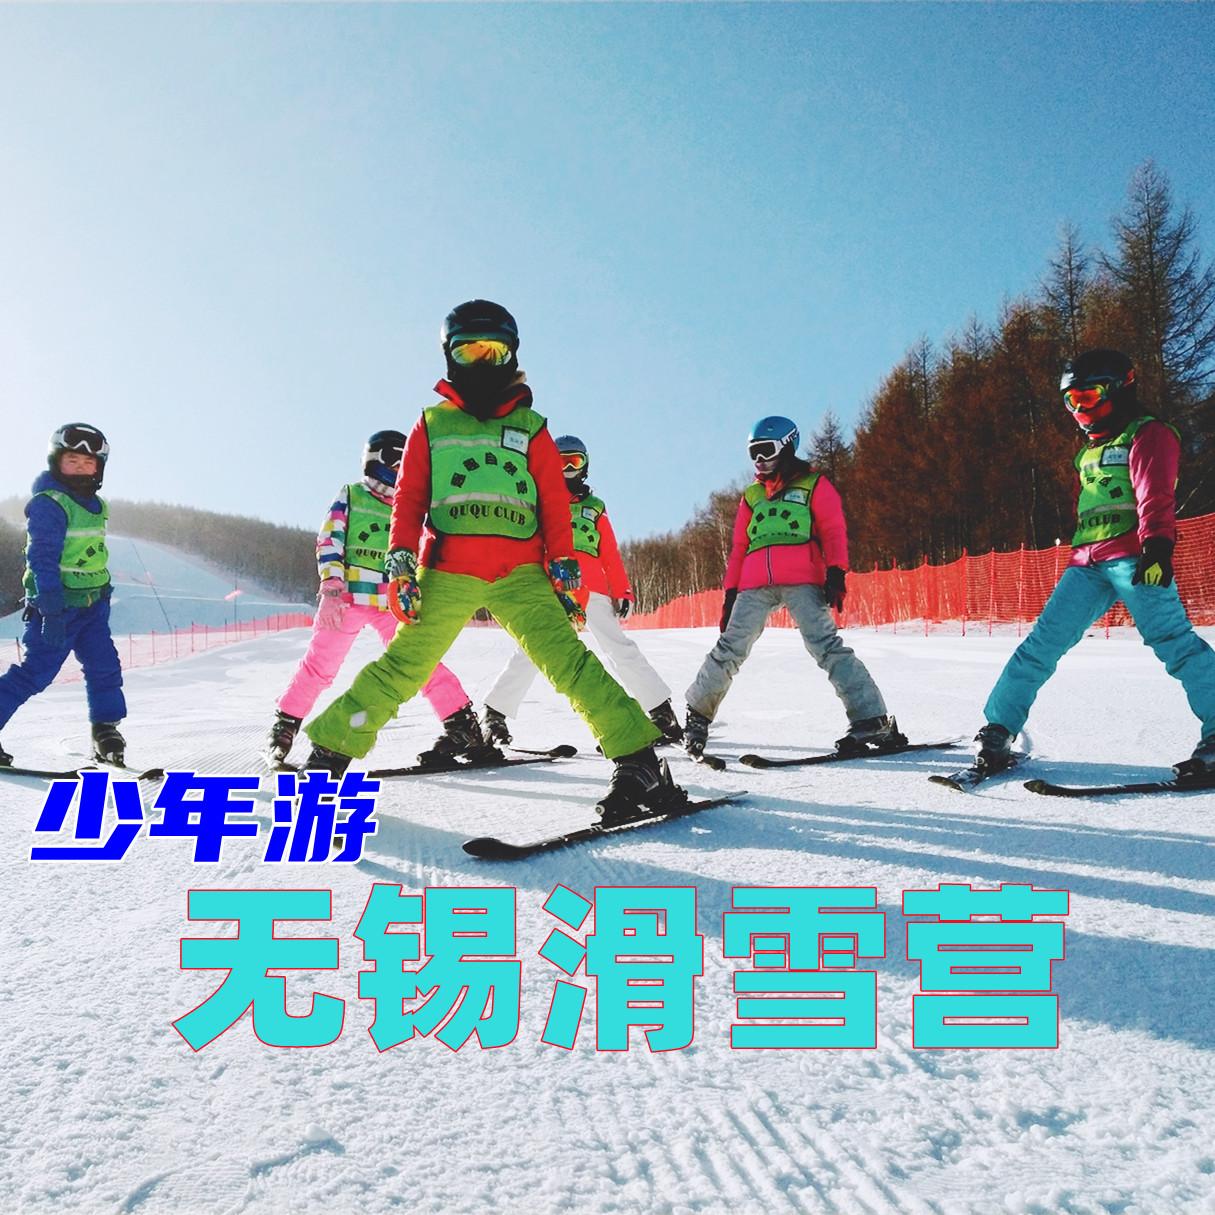 【夏令营I无锡滑雪营】零℃下的夏天滑雪初体验、畅玩四大主题乐园—无锡双板滑雪5日营(初级&中级)